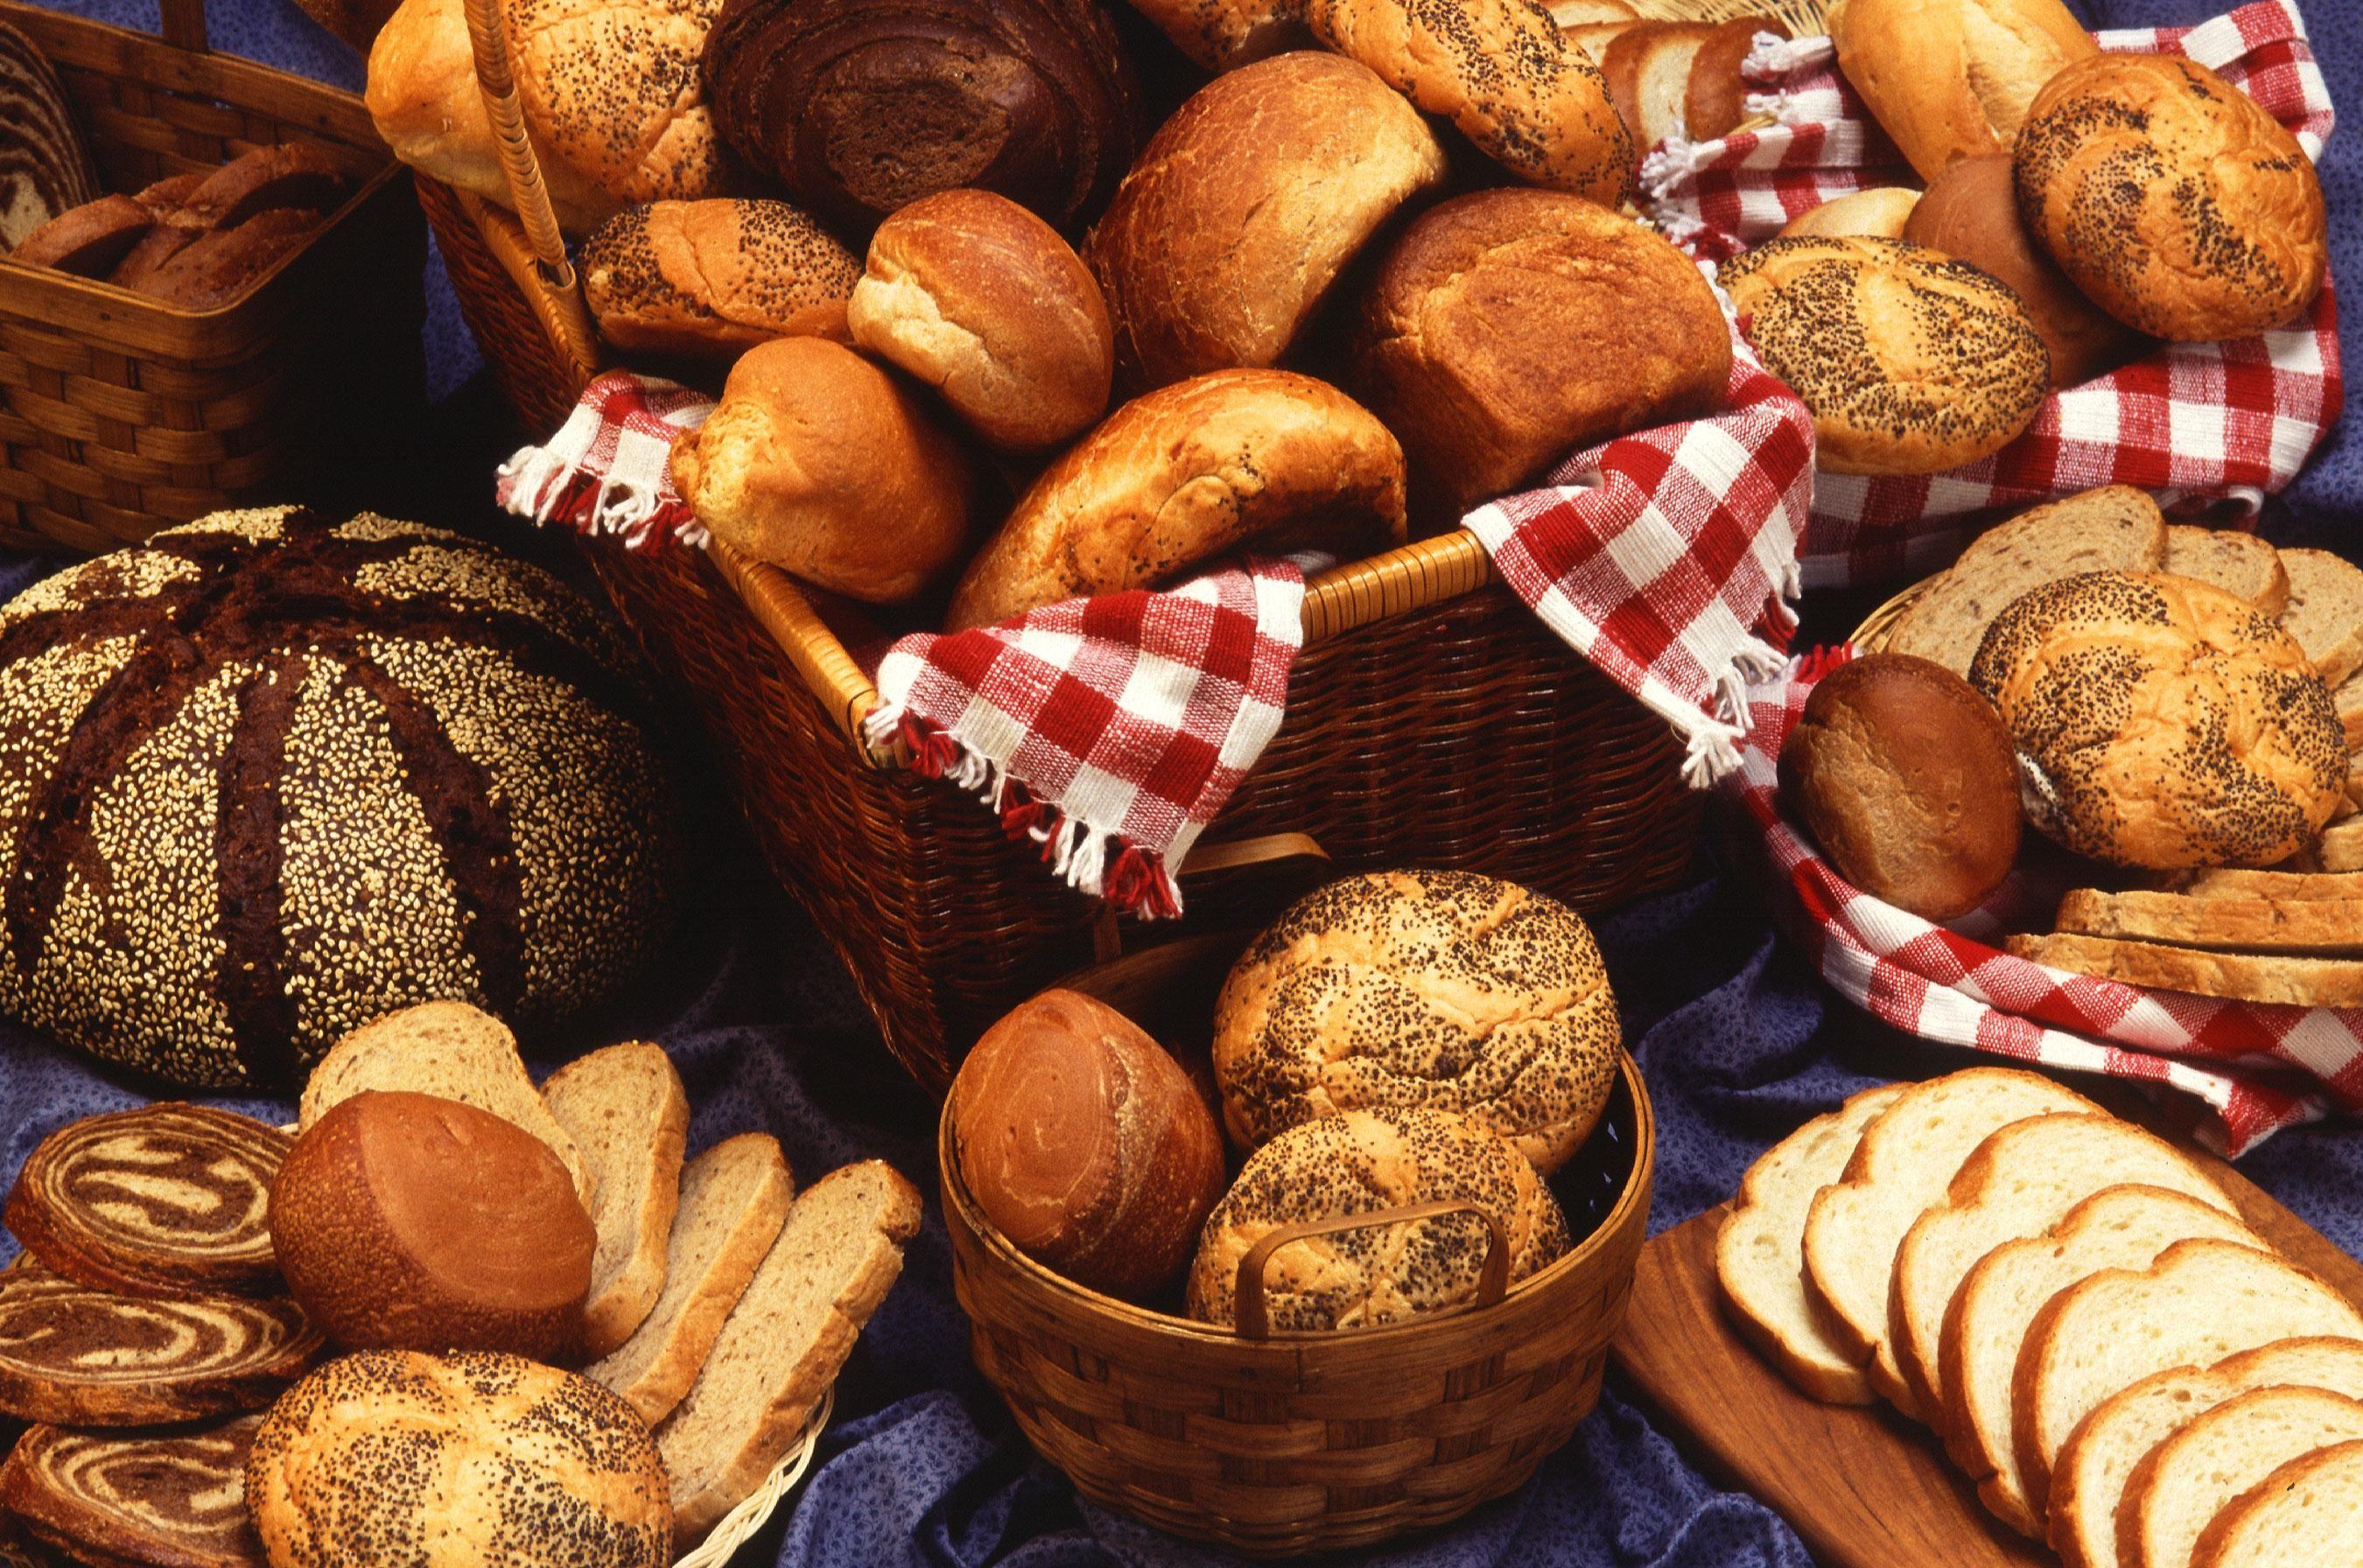 Intolerancia al gluten, ¿más que una alergia?